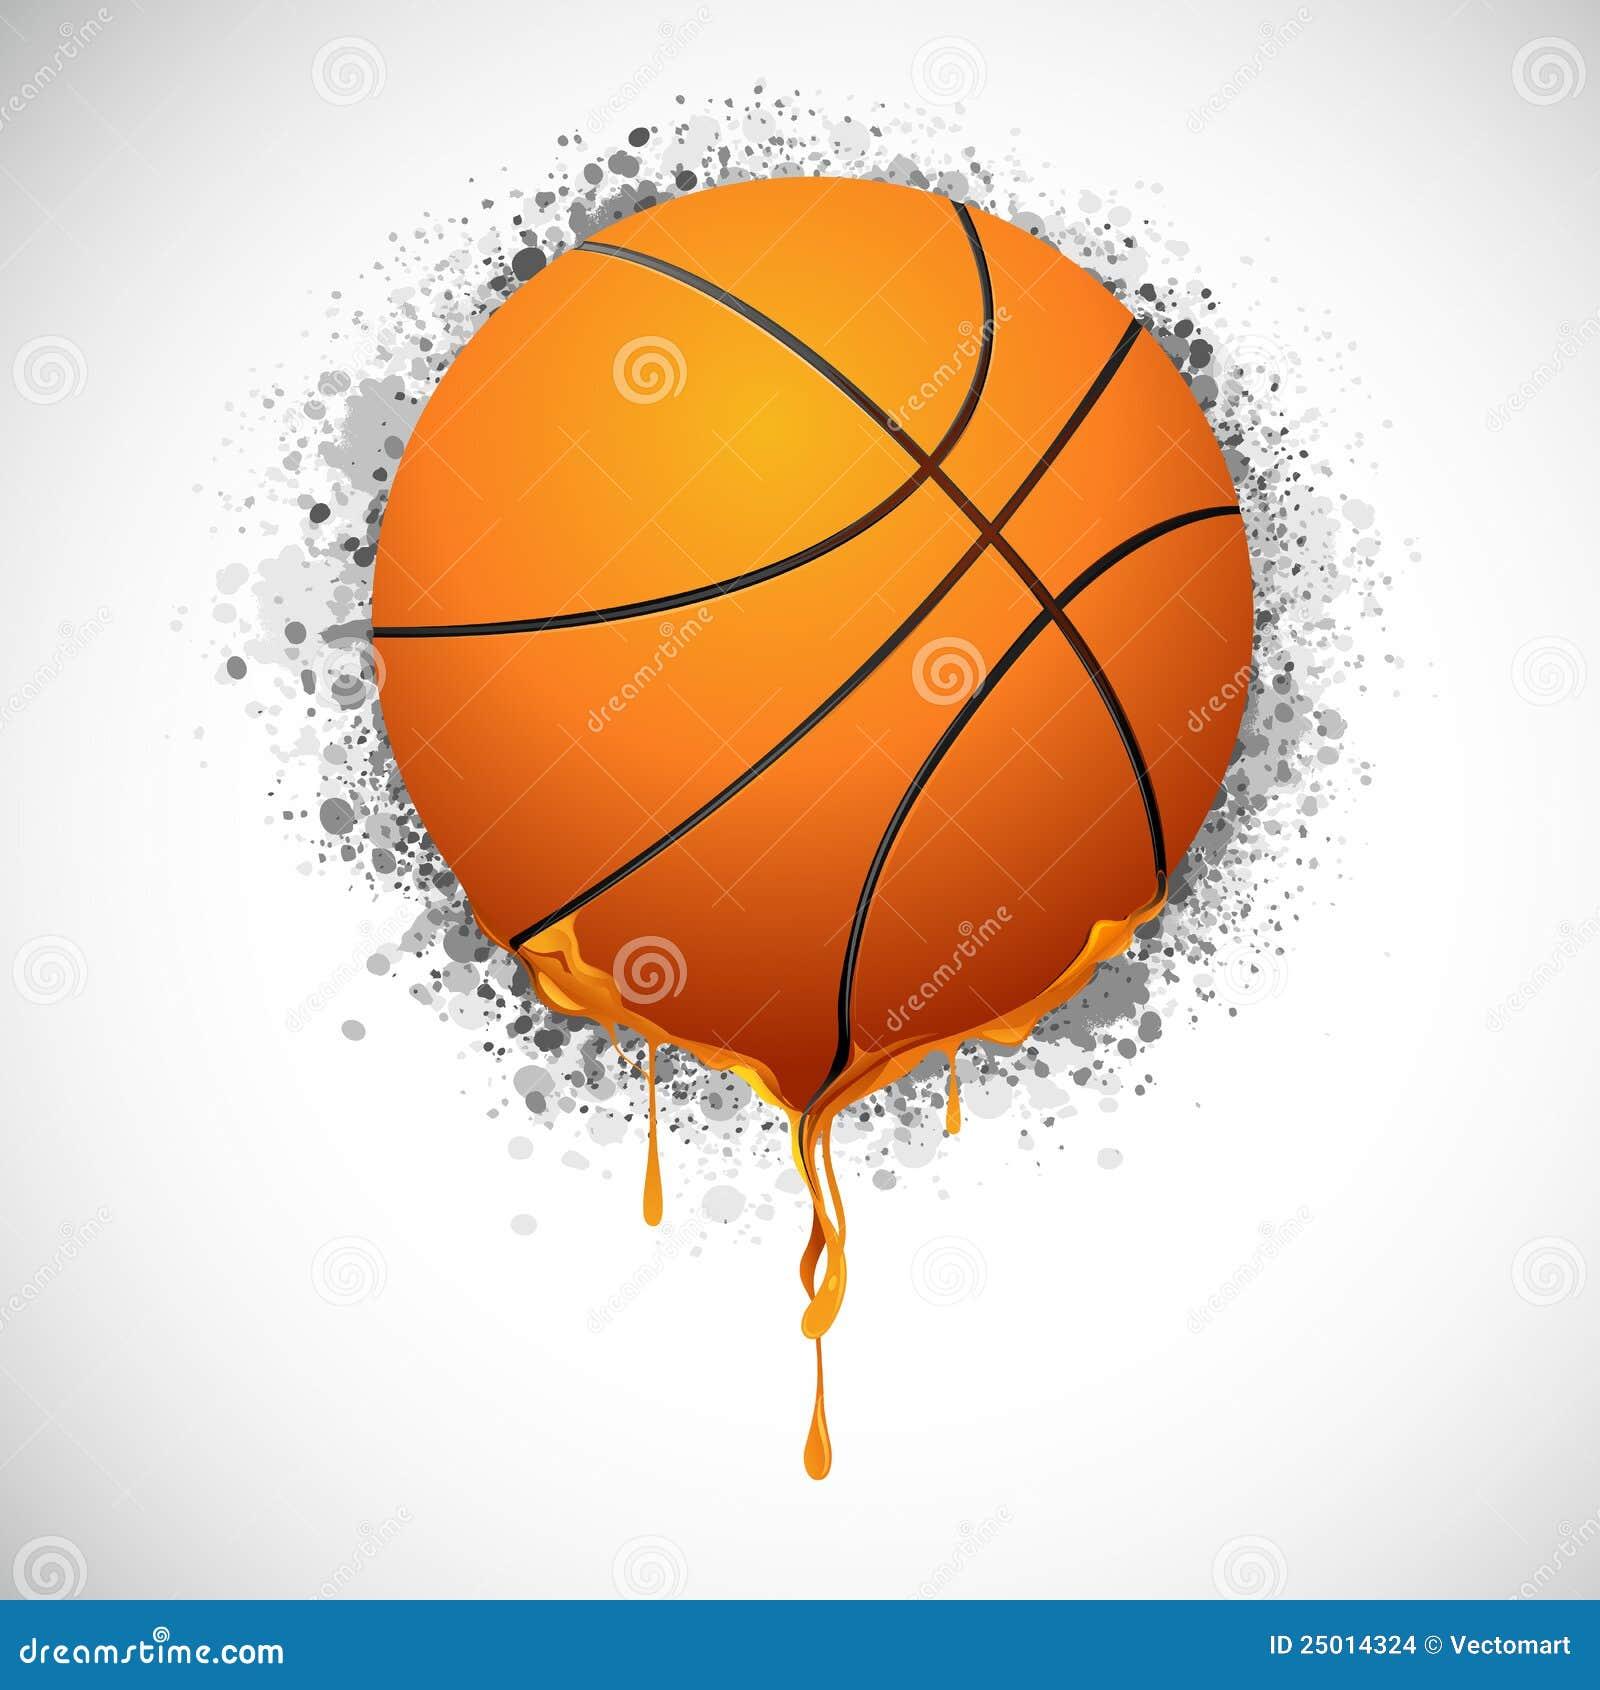 Illustration of melting basket ball on grungy background.